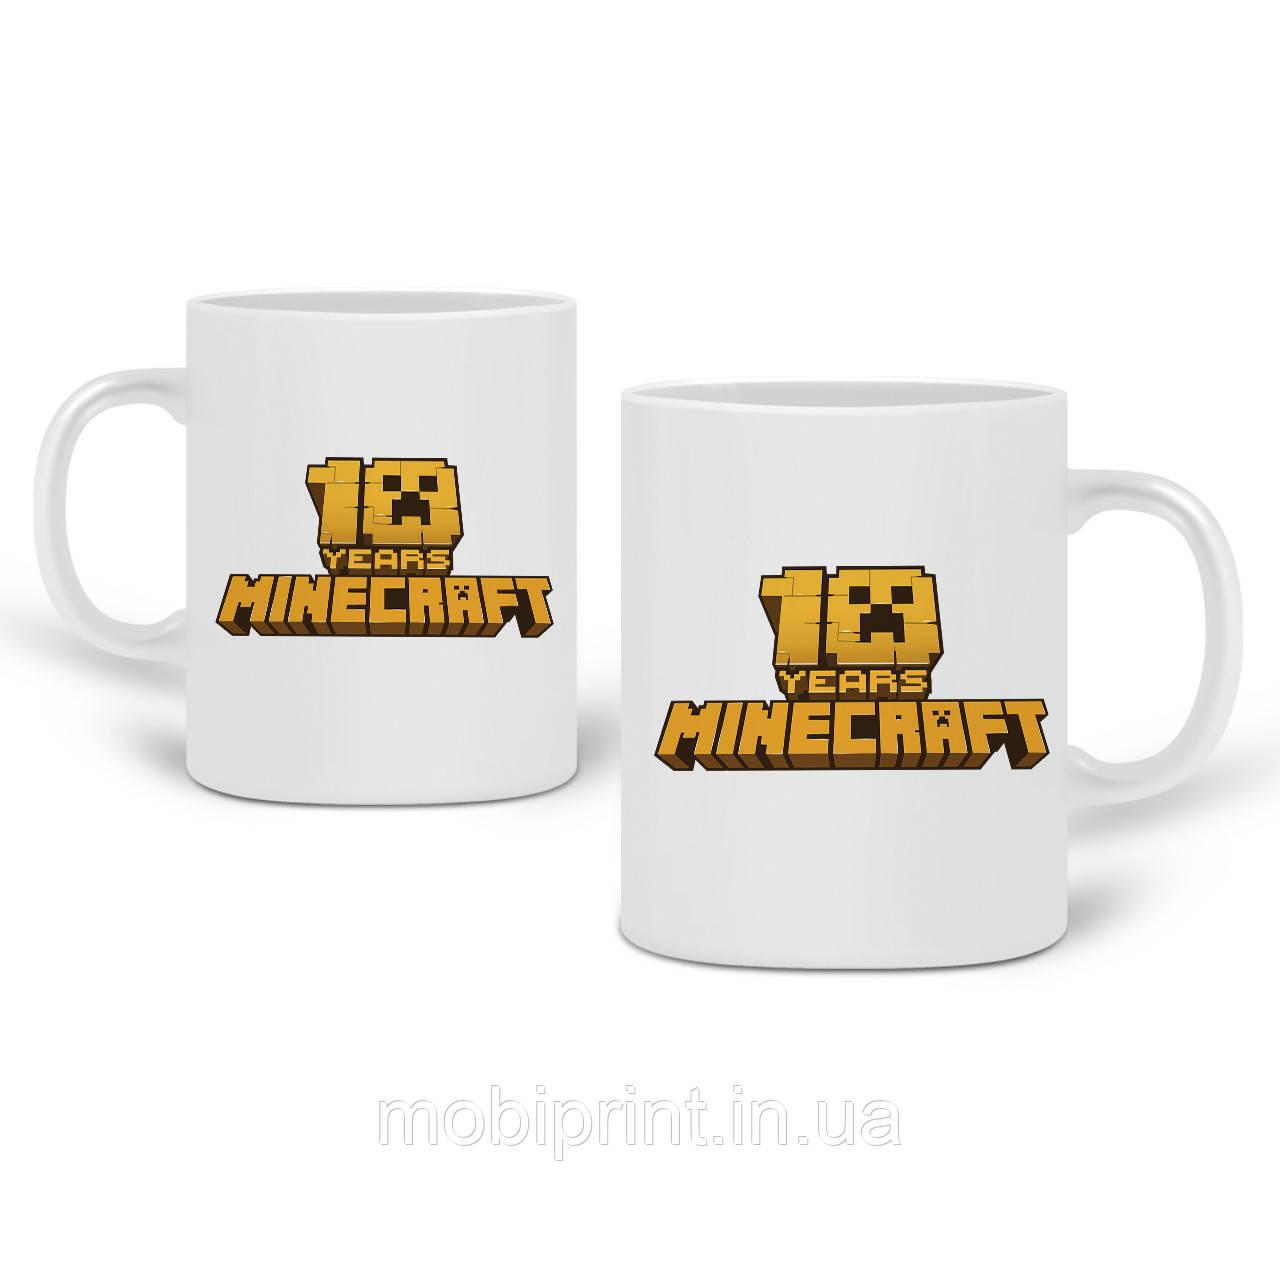 Кружка Майнкрафт (Minecraft) 330 мл Чашка Керамическая (20259-1171)